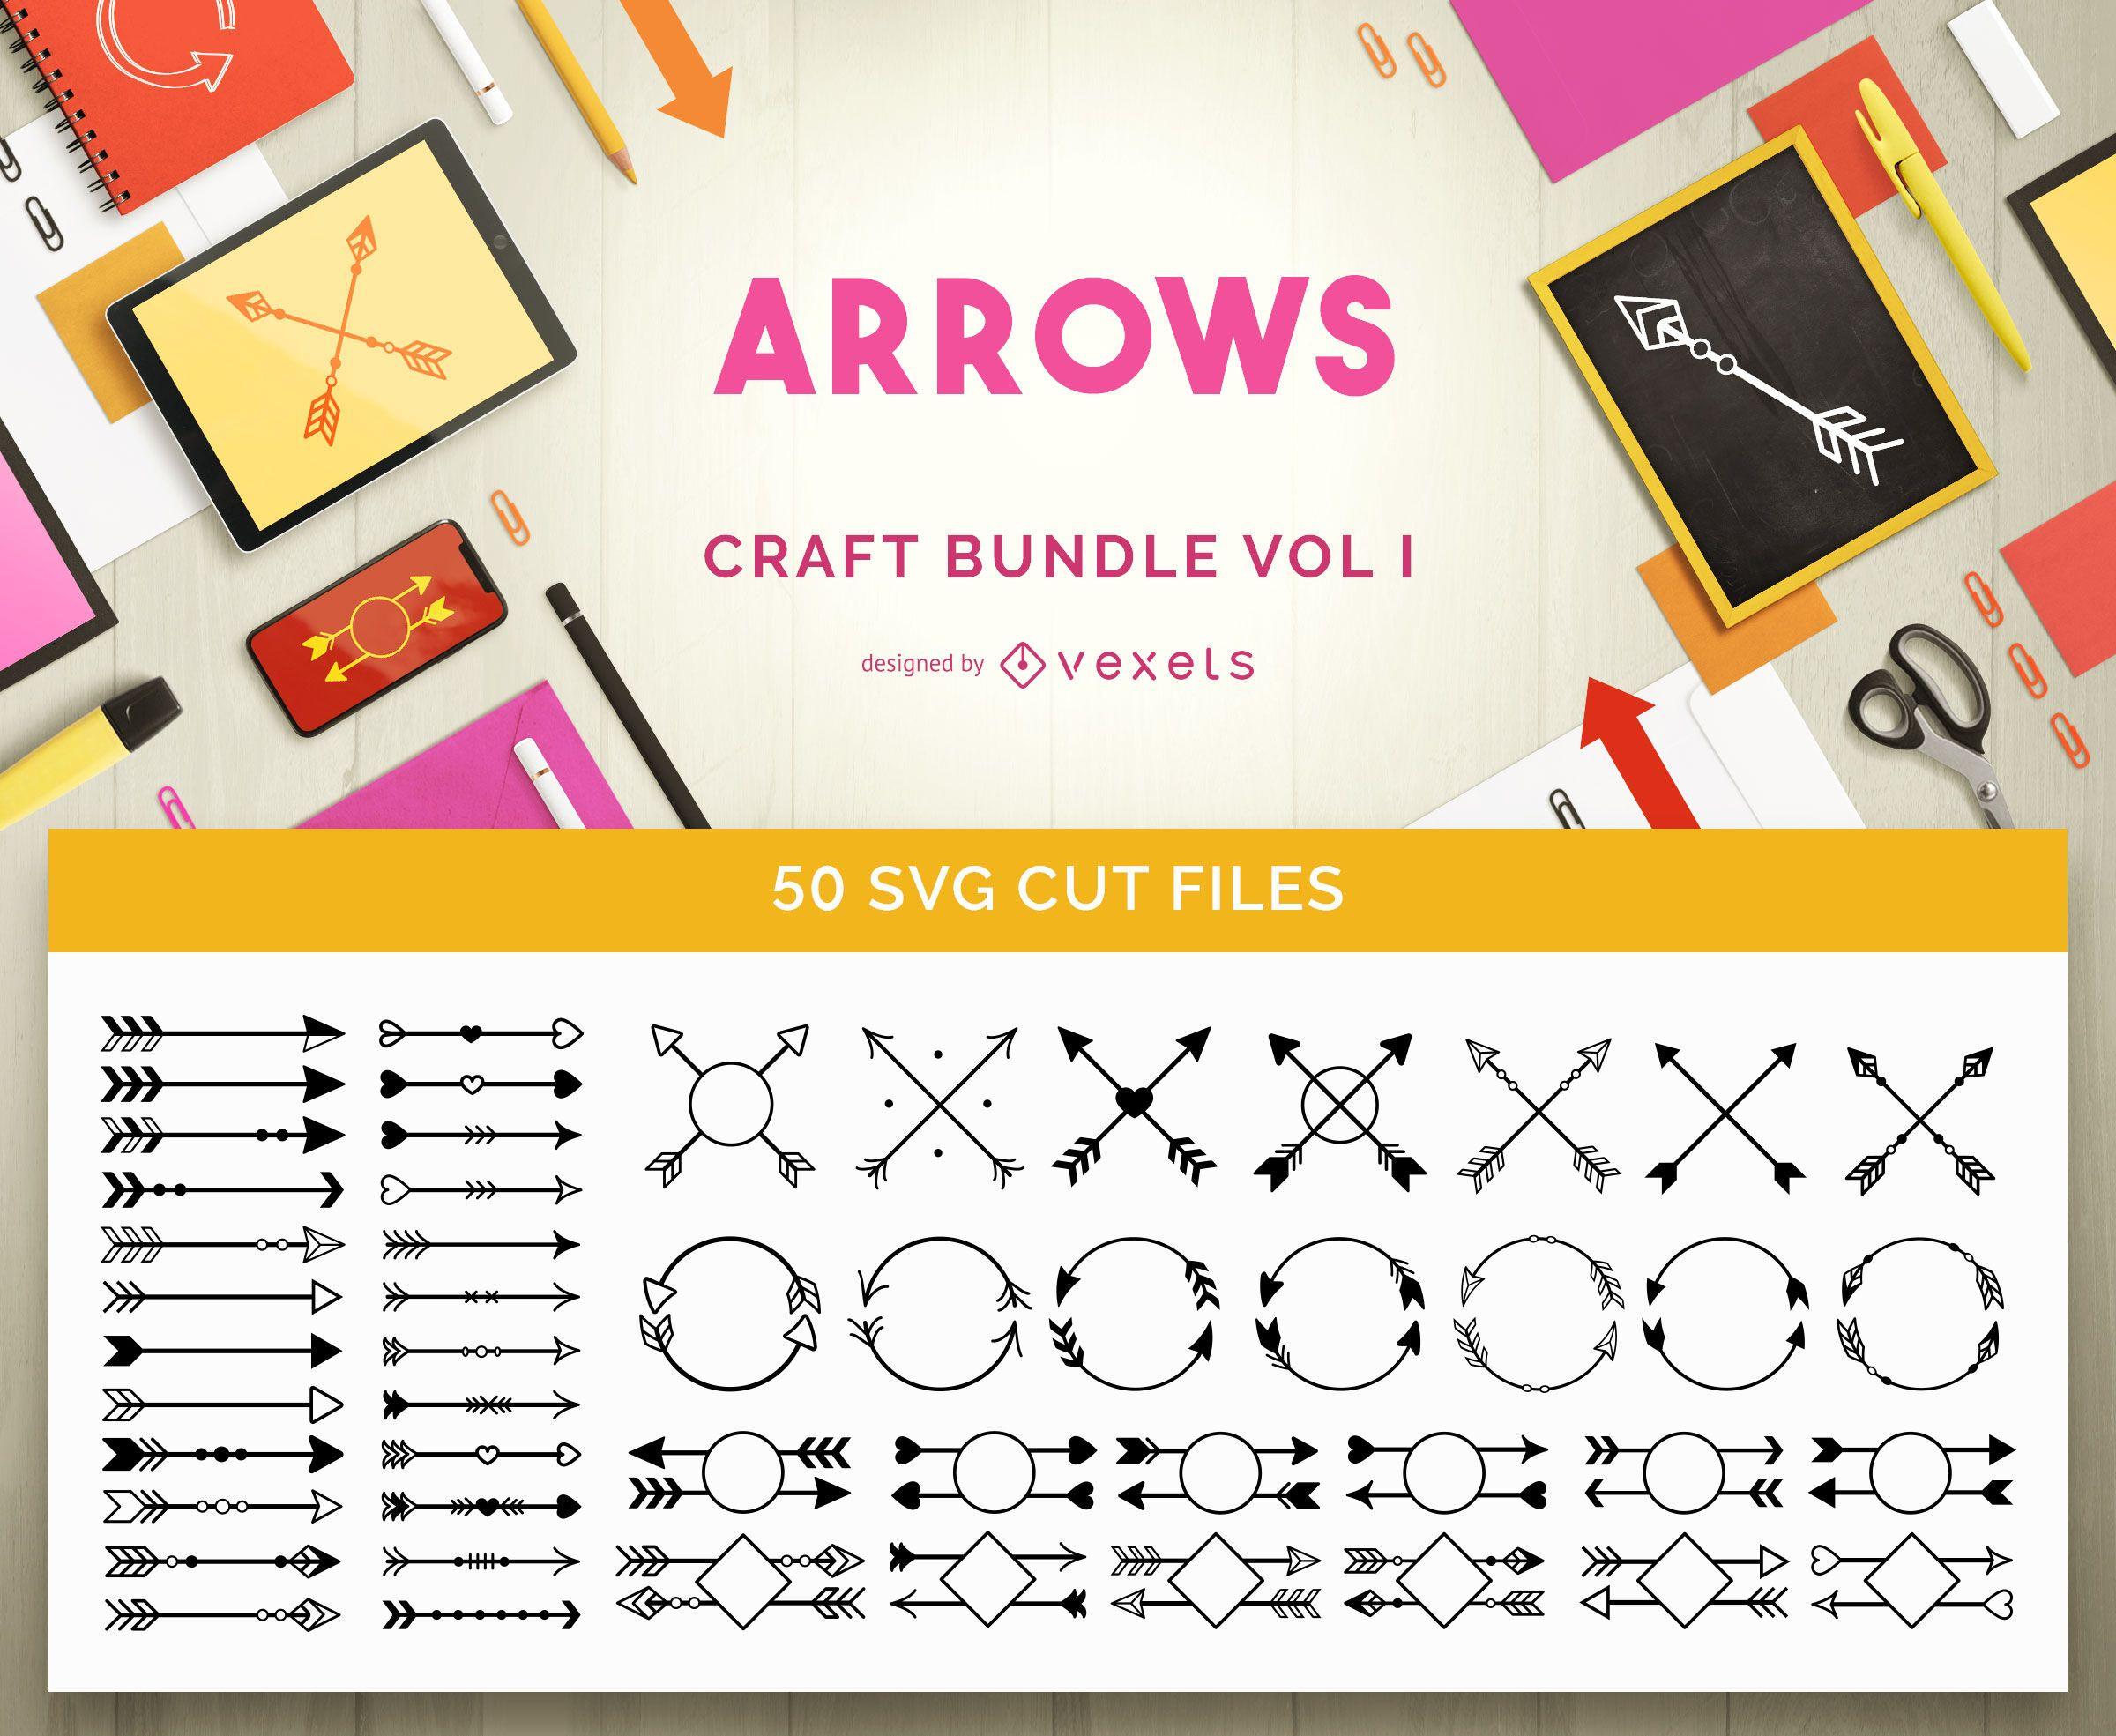 Paquete de artesanía de flechas Vol 1